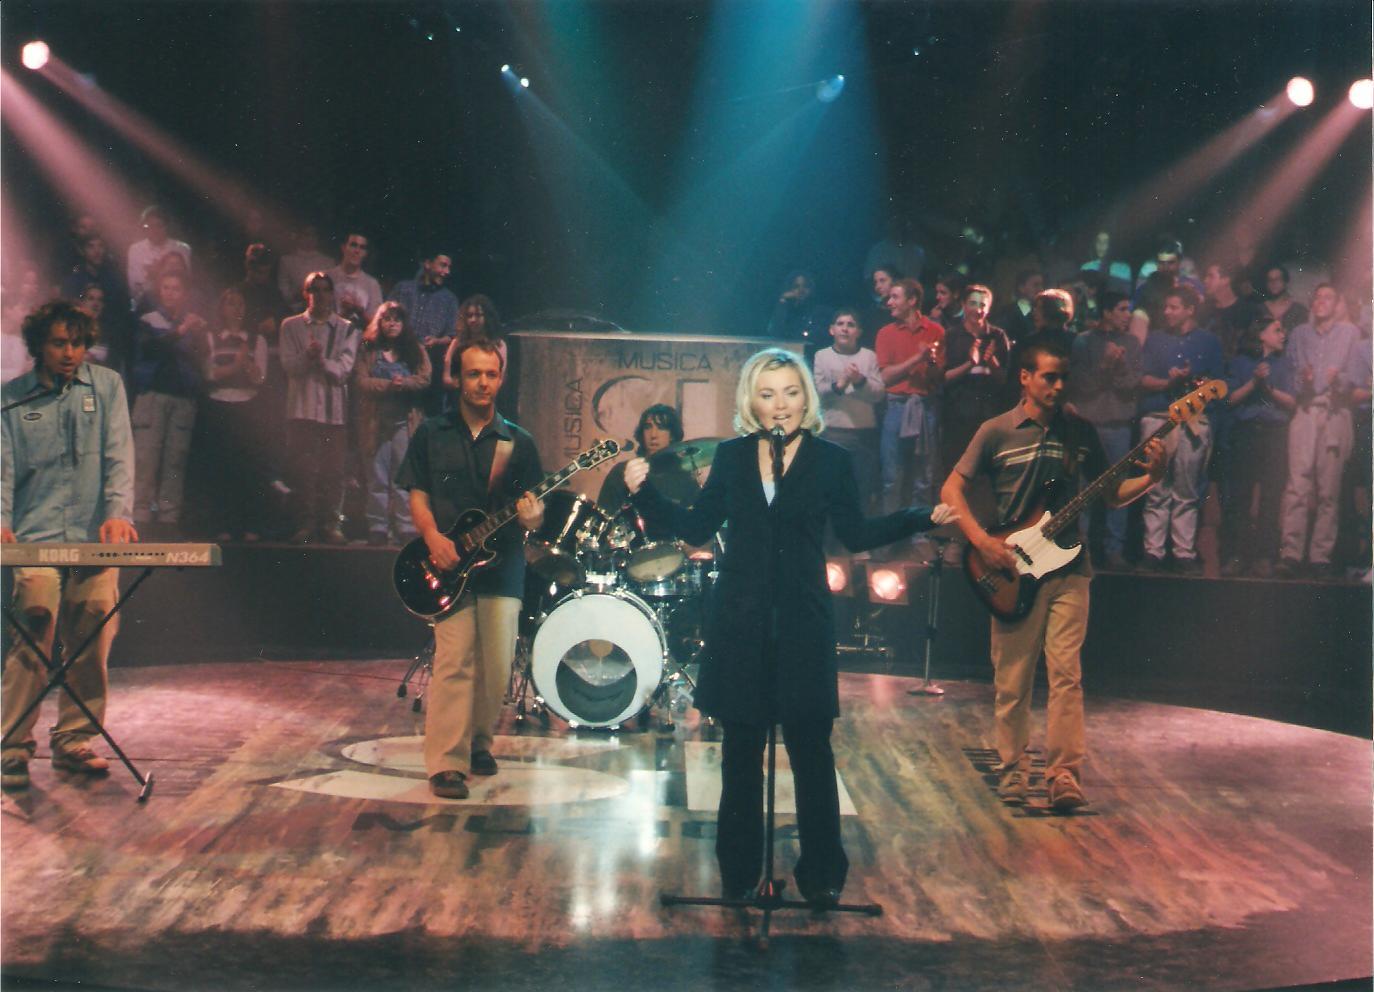 http://2.bp.blogspot.com/-GVUXzb1aaWs/Ty5iBHm1afI/AAAAAAAAGJg/lriI4xJCPrA/s1600/musicasi.laoreja.1999.jpg